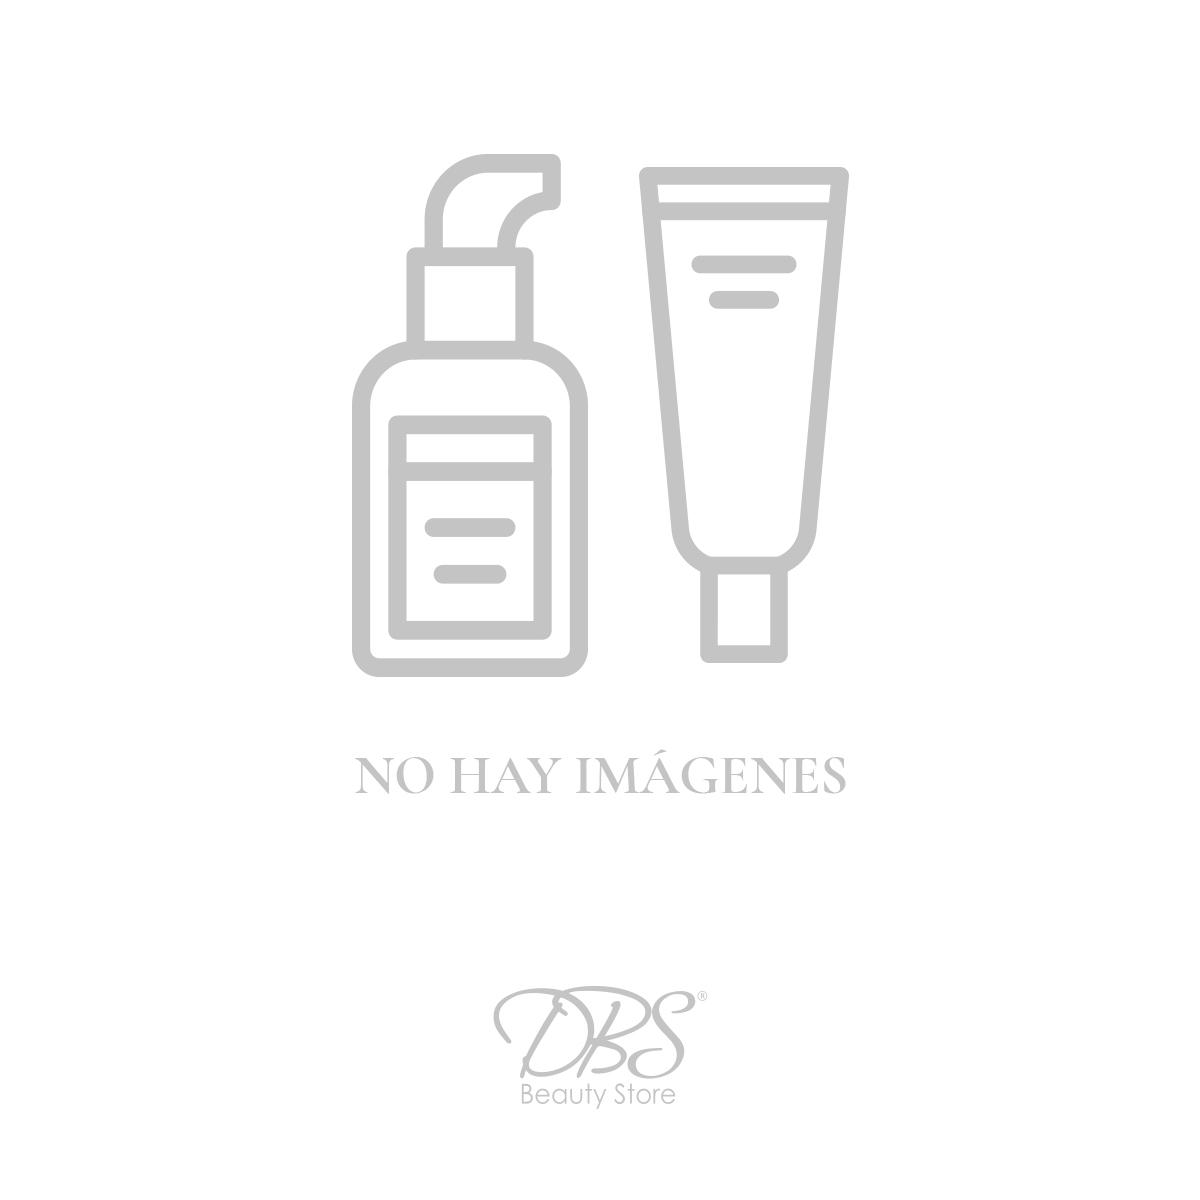 dbs-cosmetics-DBS-OS1388-MP.jpg